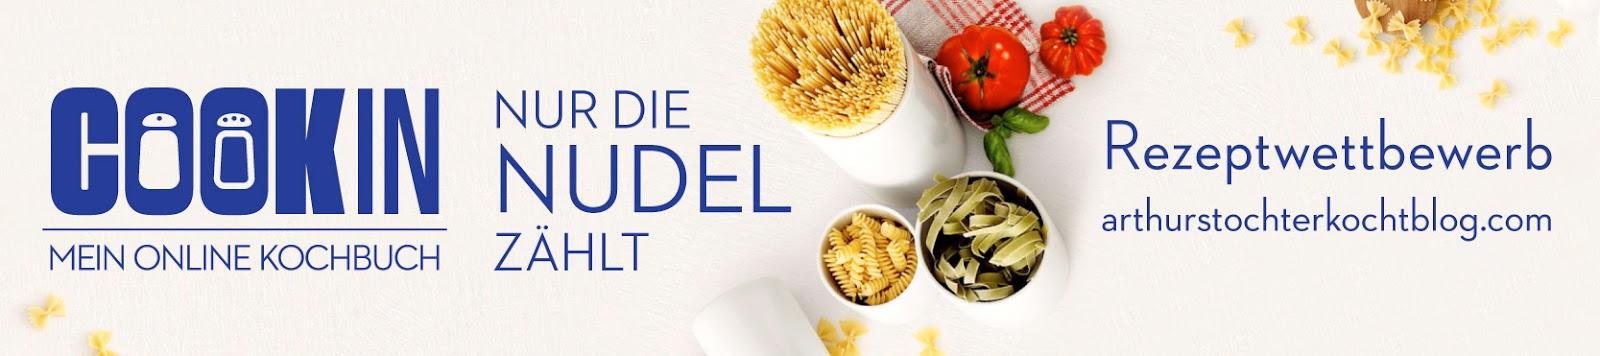 http://www.arthurstochterkochtblog.com/2014/01/nur-die-nudel-zahlt-gewinne-mit-cookin.html